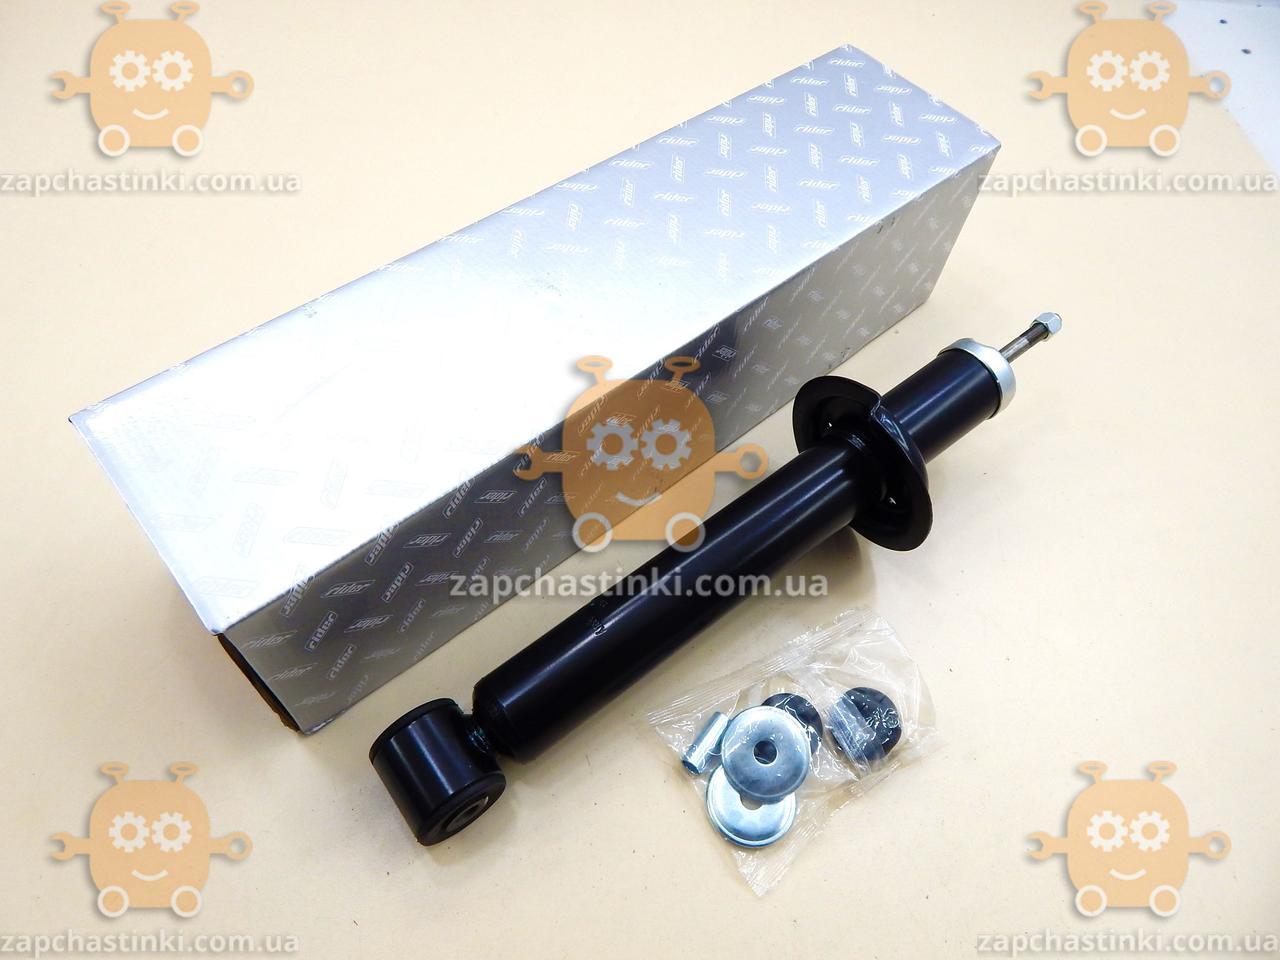 Амортизатор ВАЗ 2110 - 2112 задний 1шт (пр-во RIDER Венгрия)